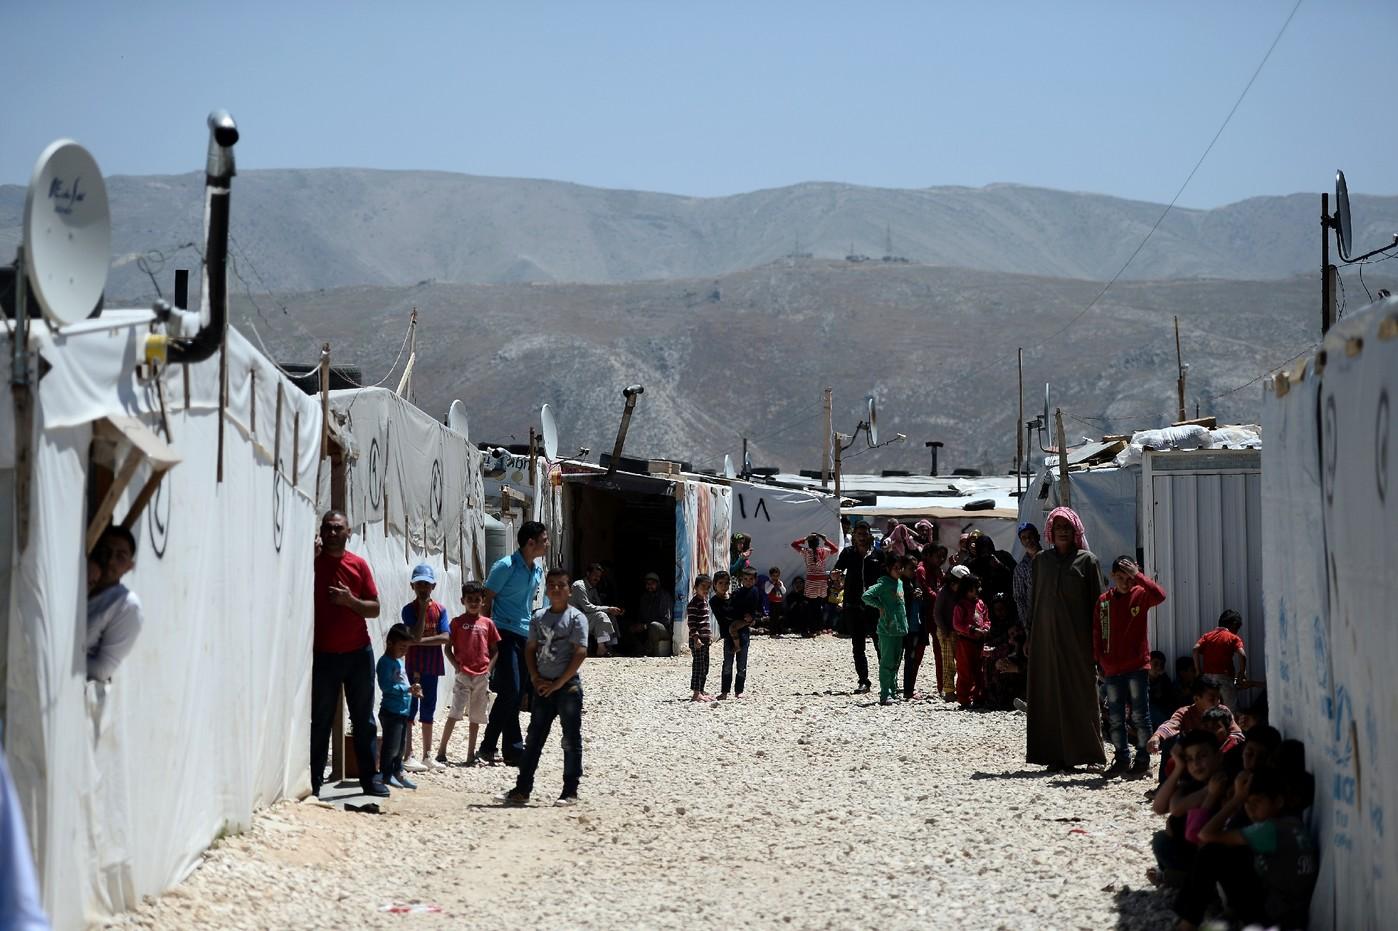 Sort des réfugiés syriens : le Liban s'oppose au HCR